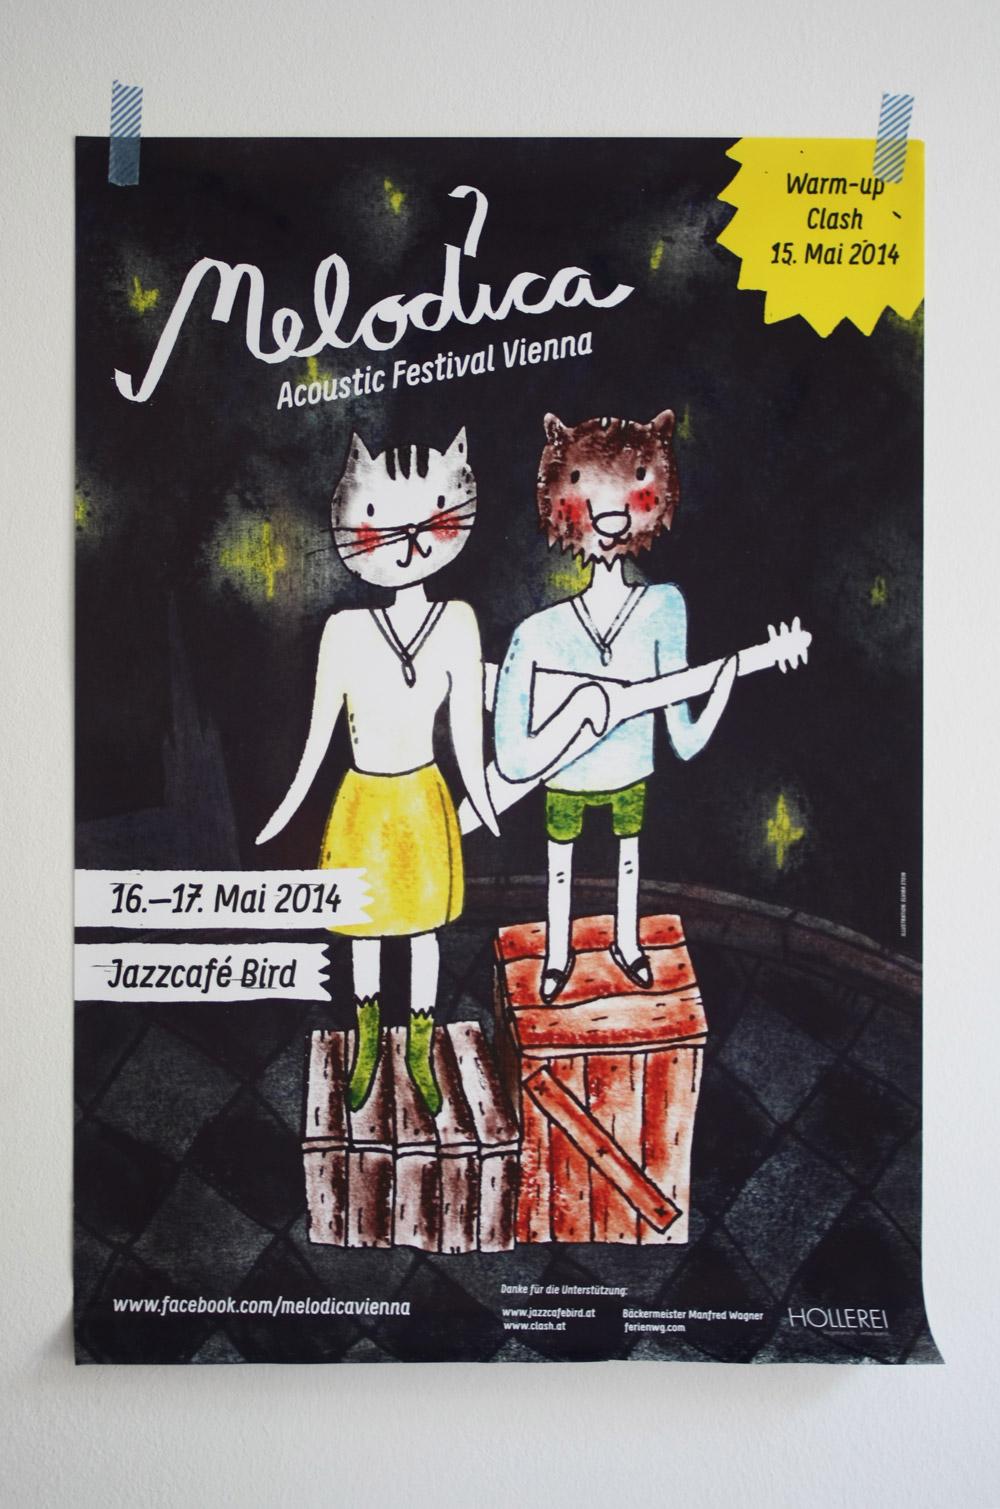 Das A2 Poster für das Festival. Davon gibts viele.